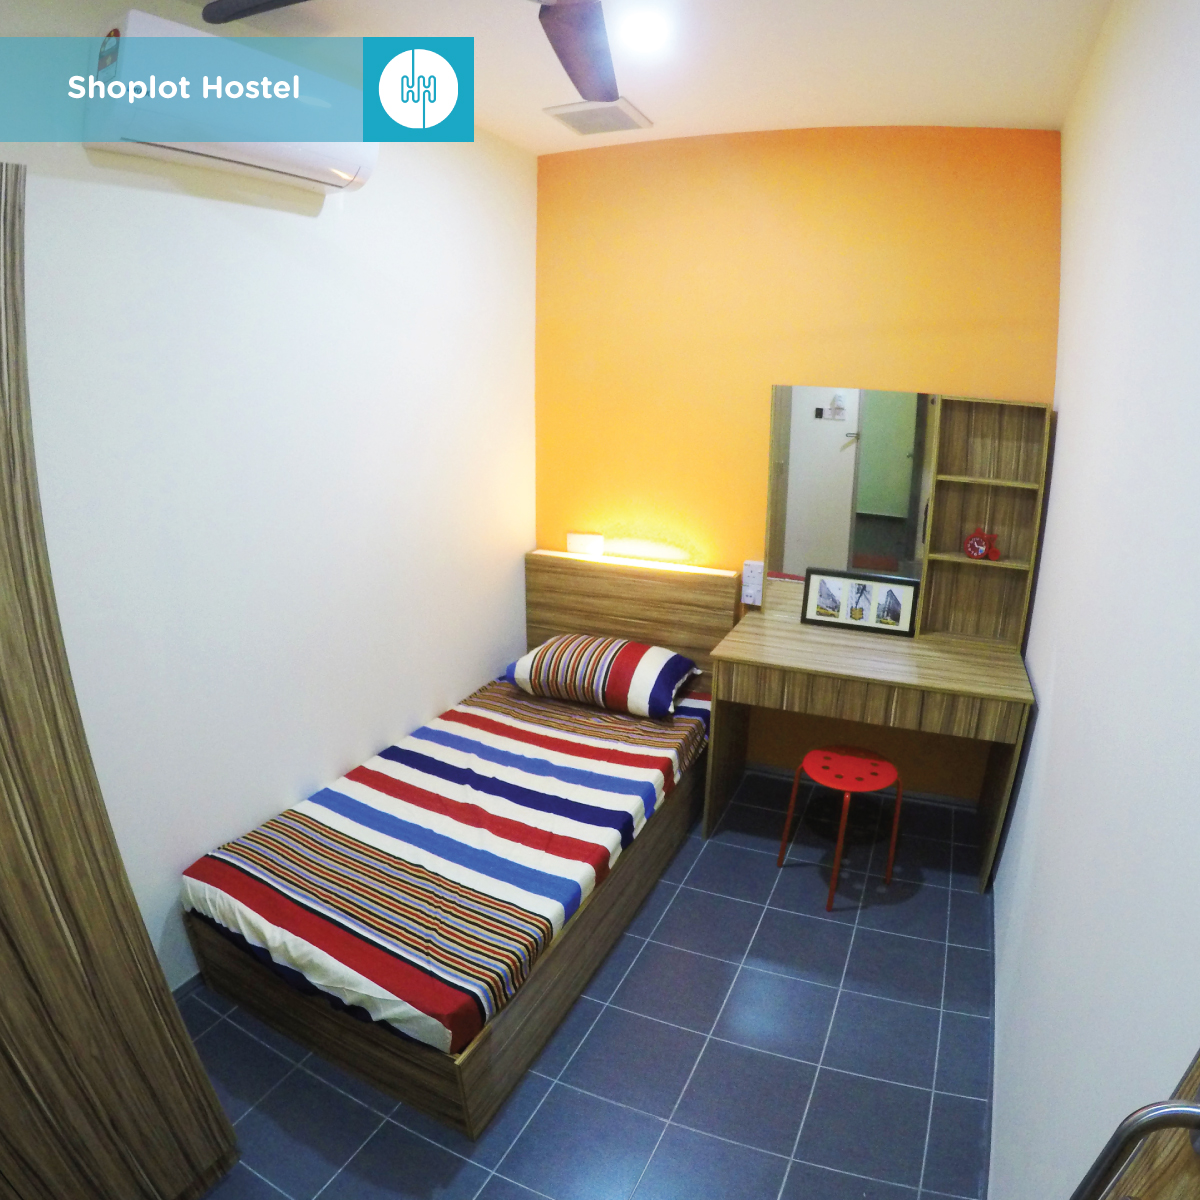 Shoplot-Hostel